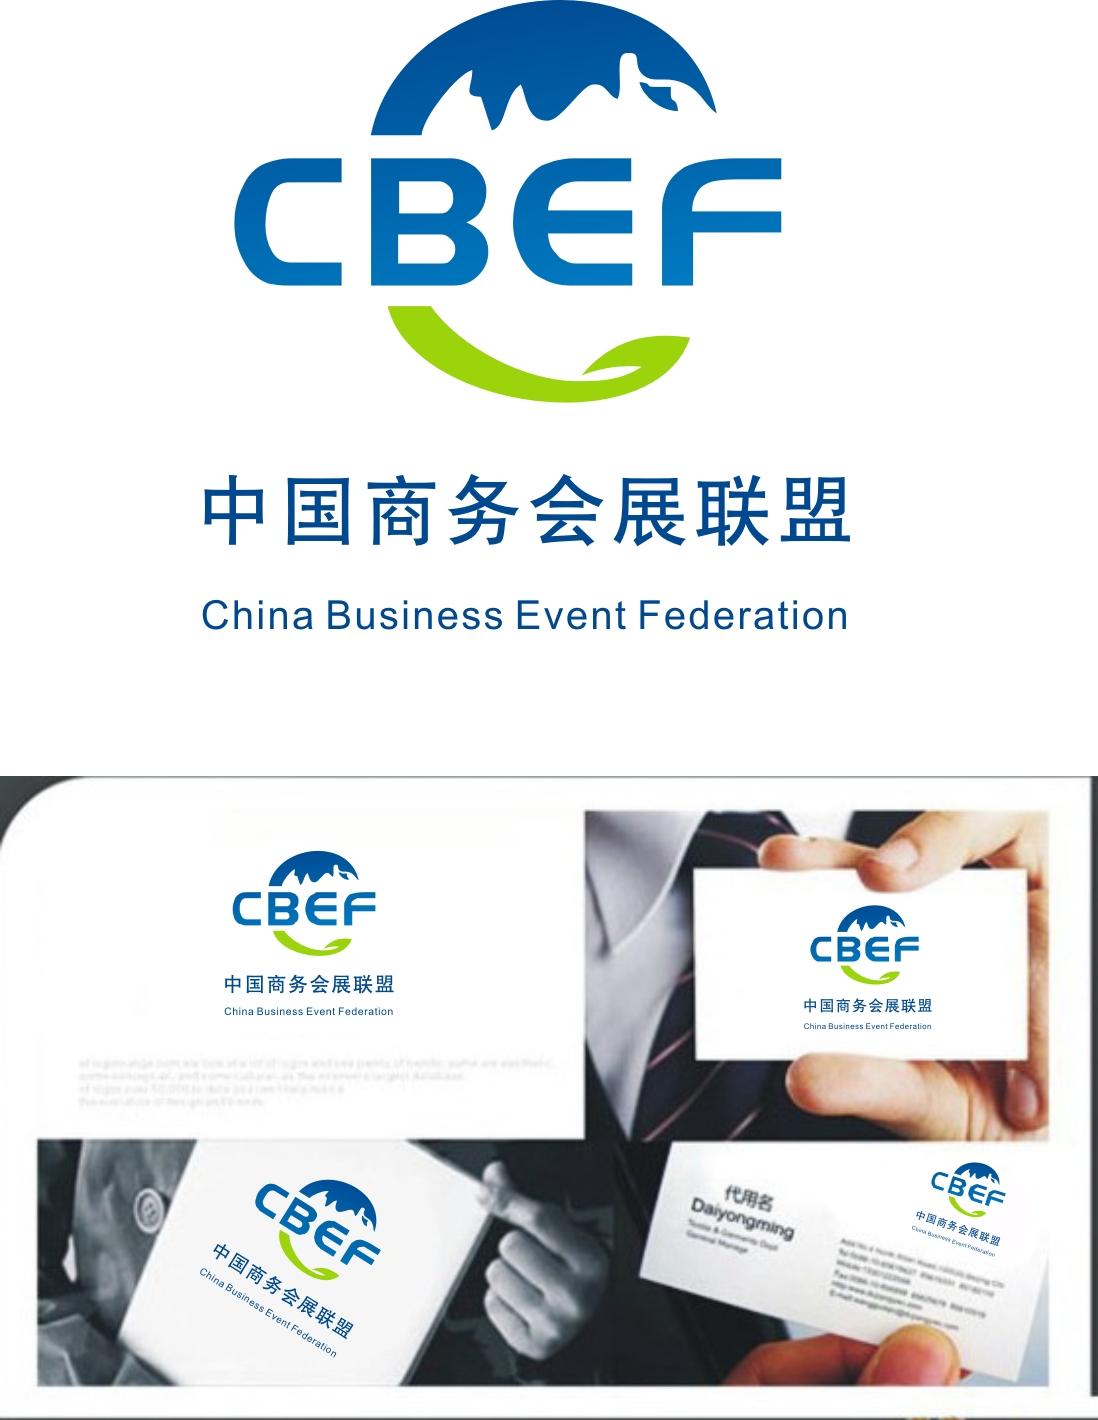 设计中国商务会展联盟logo_2957950_k68威客网